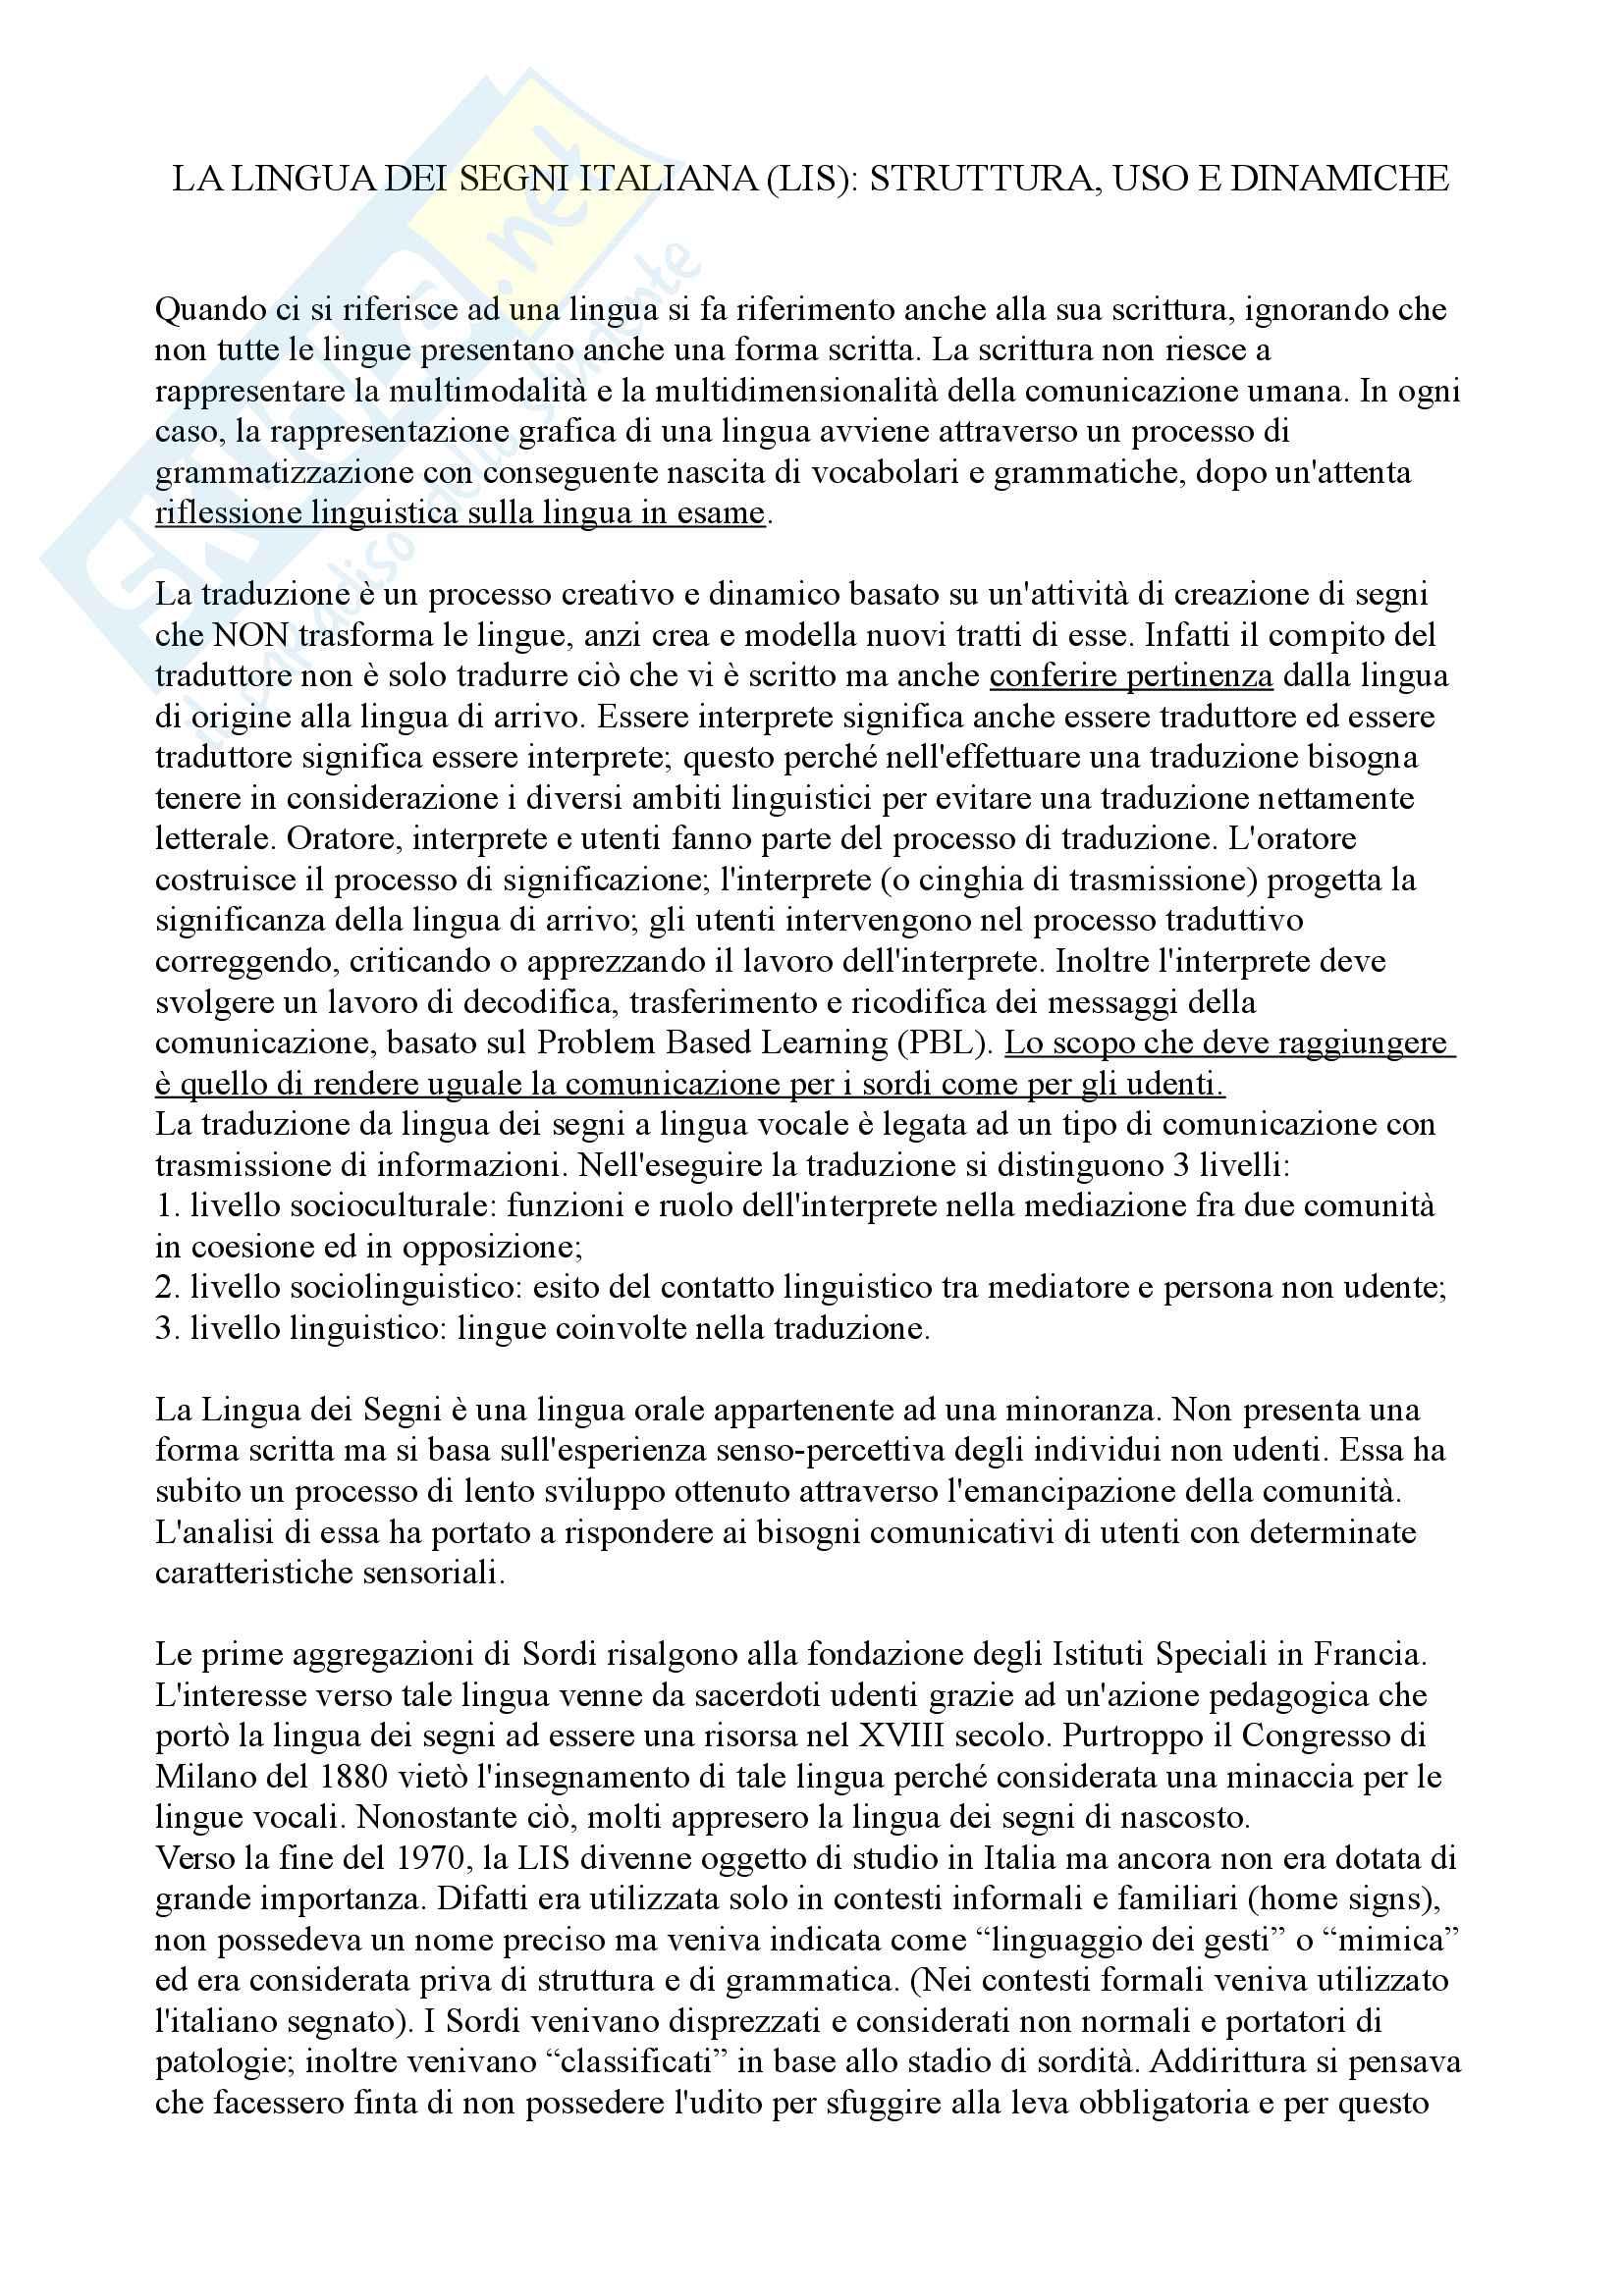 Lingua dei Segni Italiana LIS - sviluppo e struttura